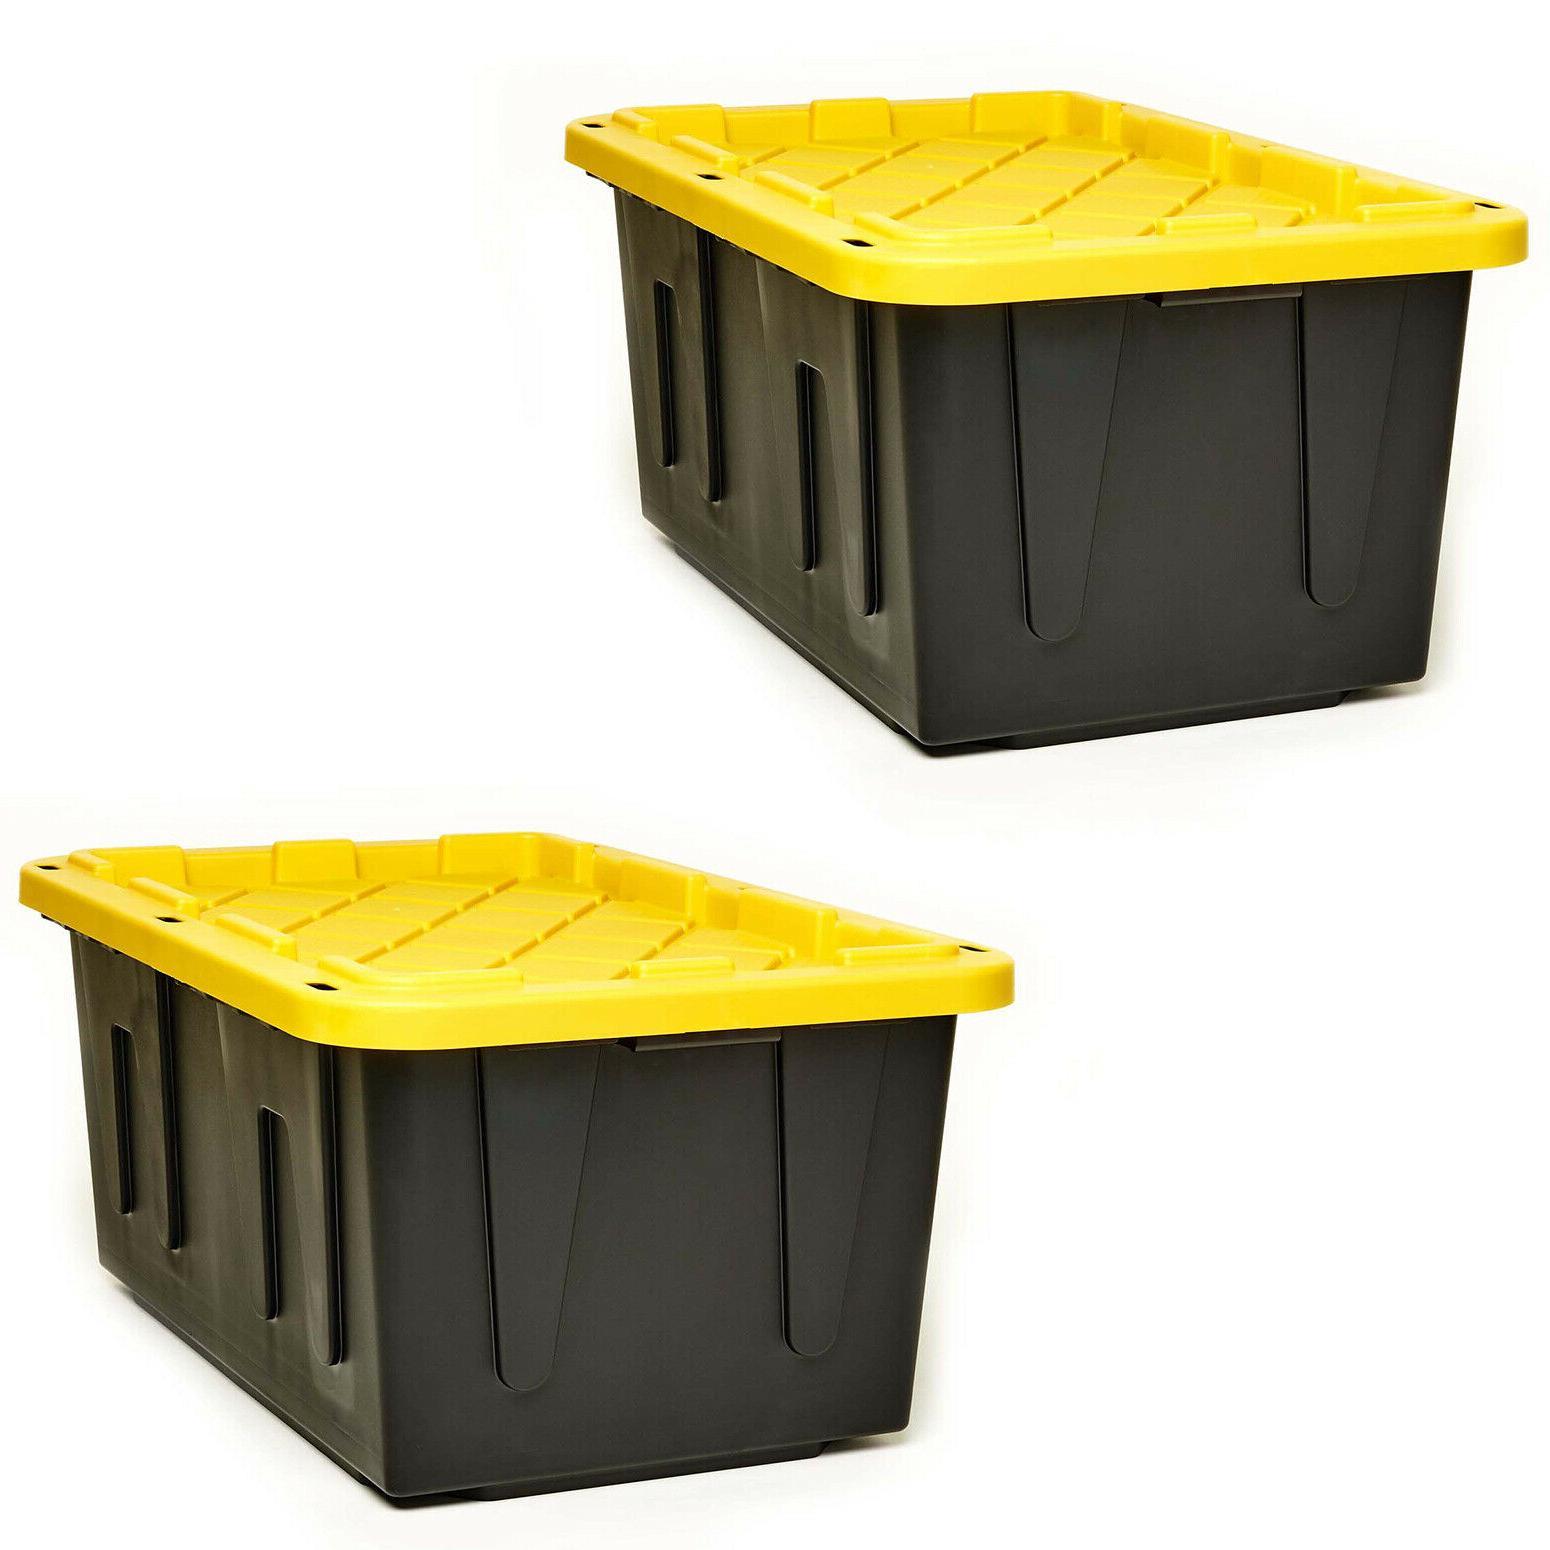 storage tote utility black yellow